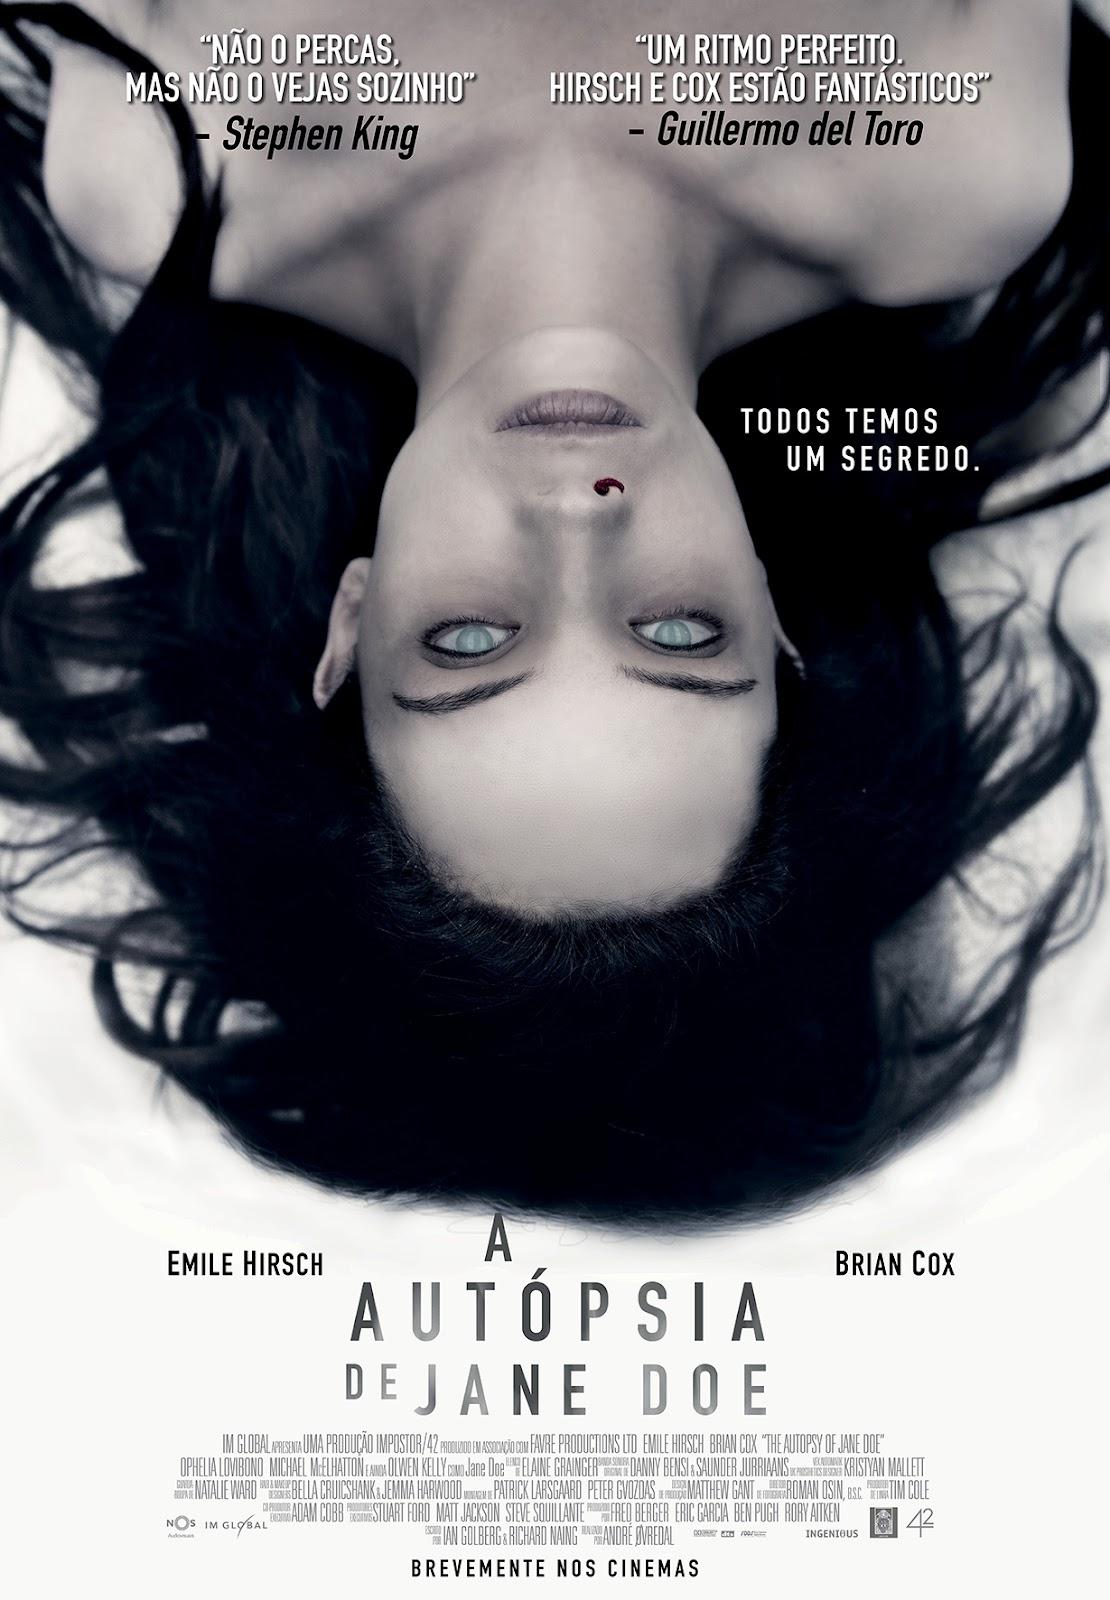 AutopsiaJaneDoe_posterALT_PT.jpg